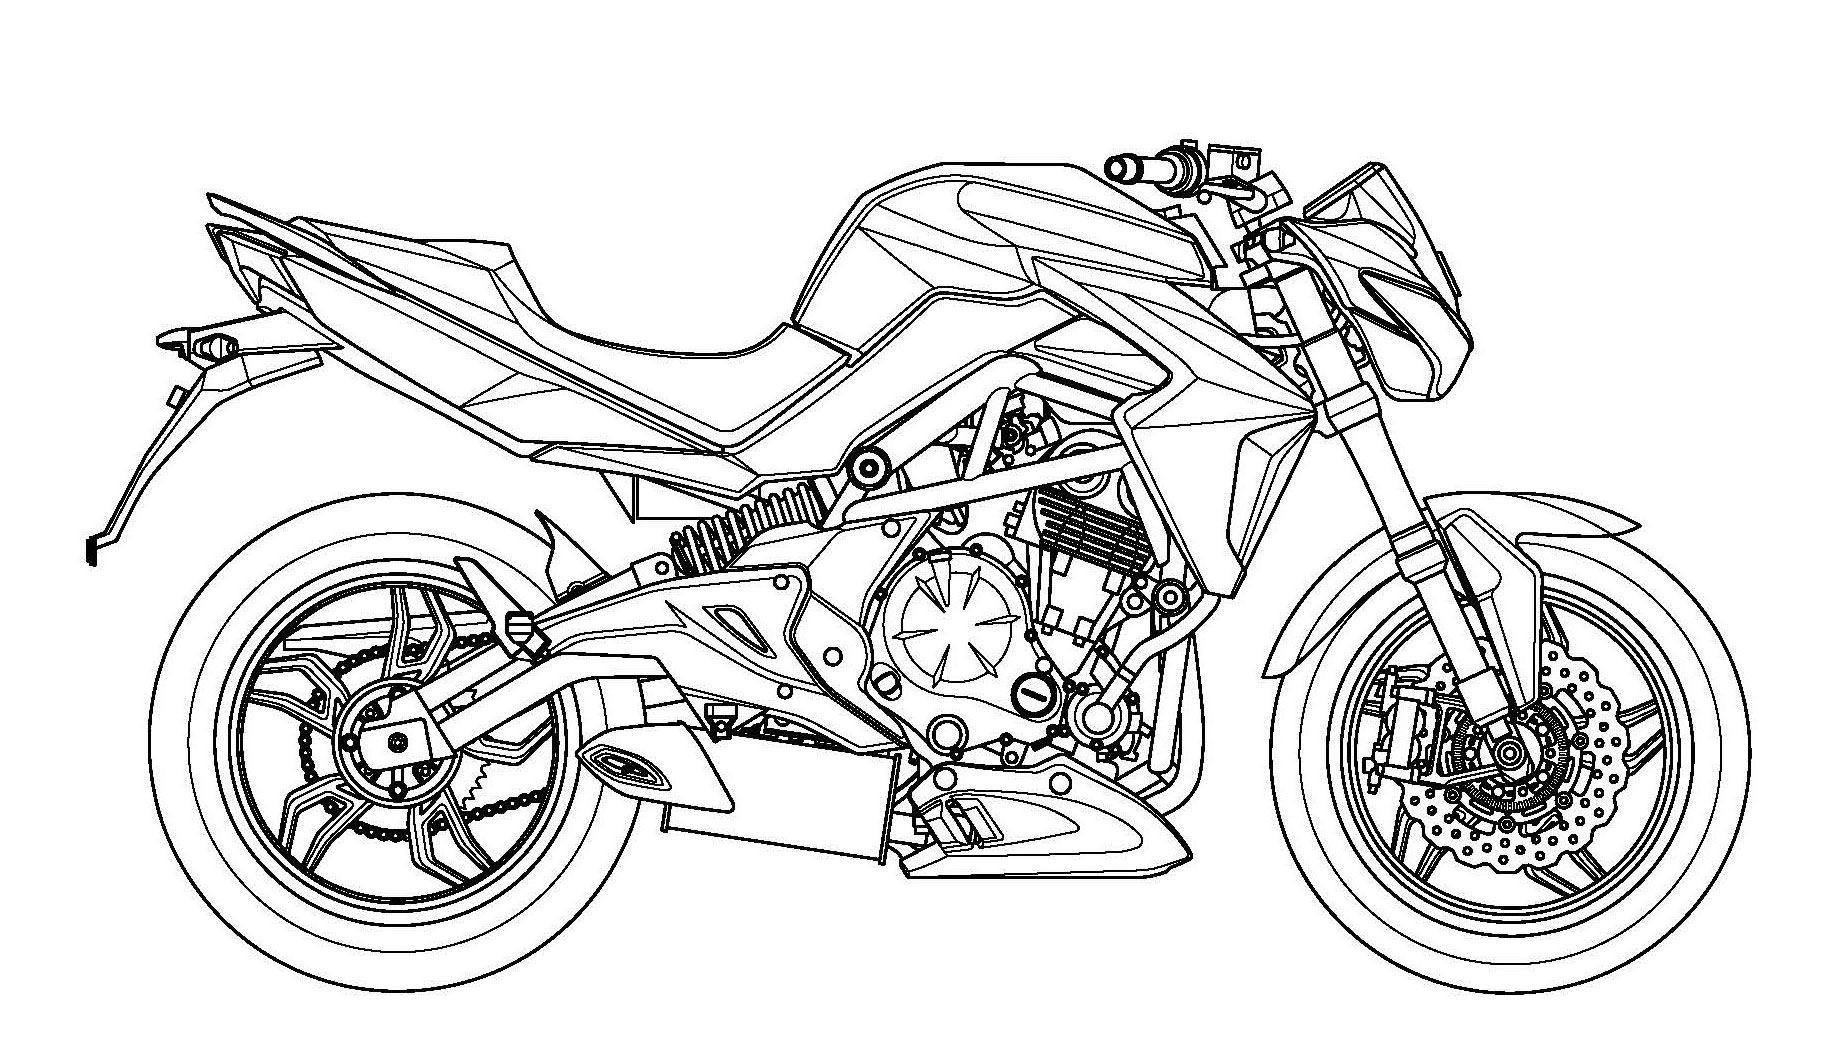 moto de trial de suzuki dibujo para colorear motos pinterest